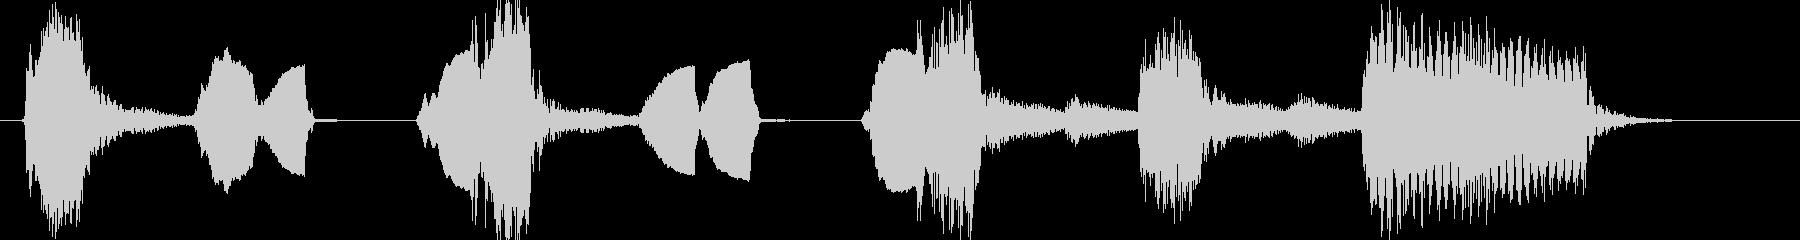 琴尺八でかわいいコミカルジングルの未再生の波形